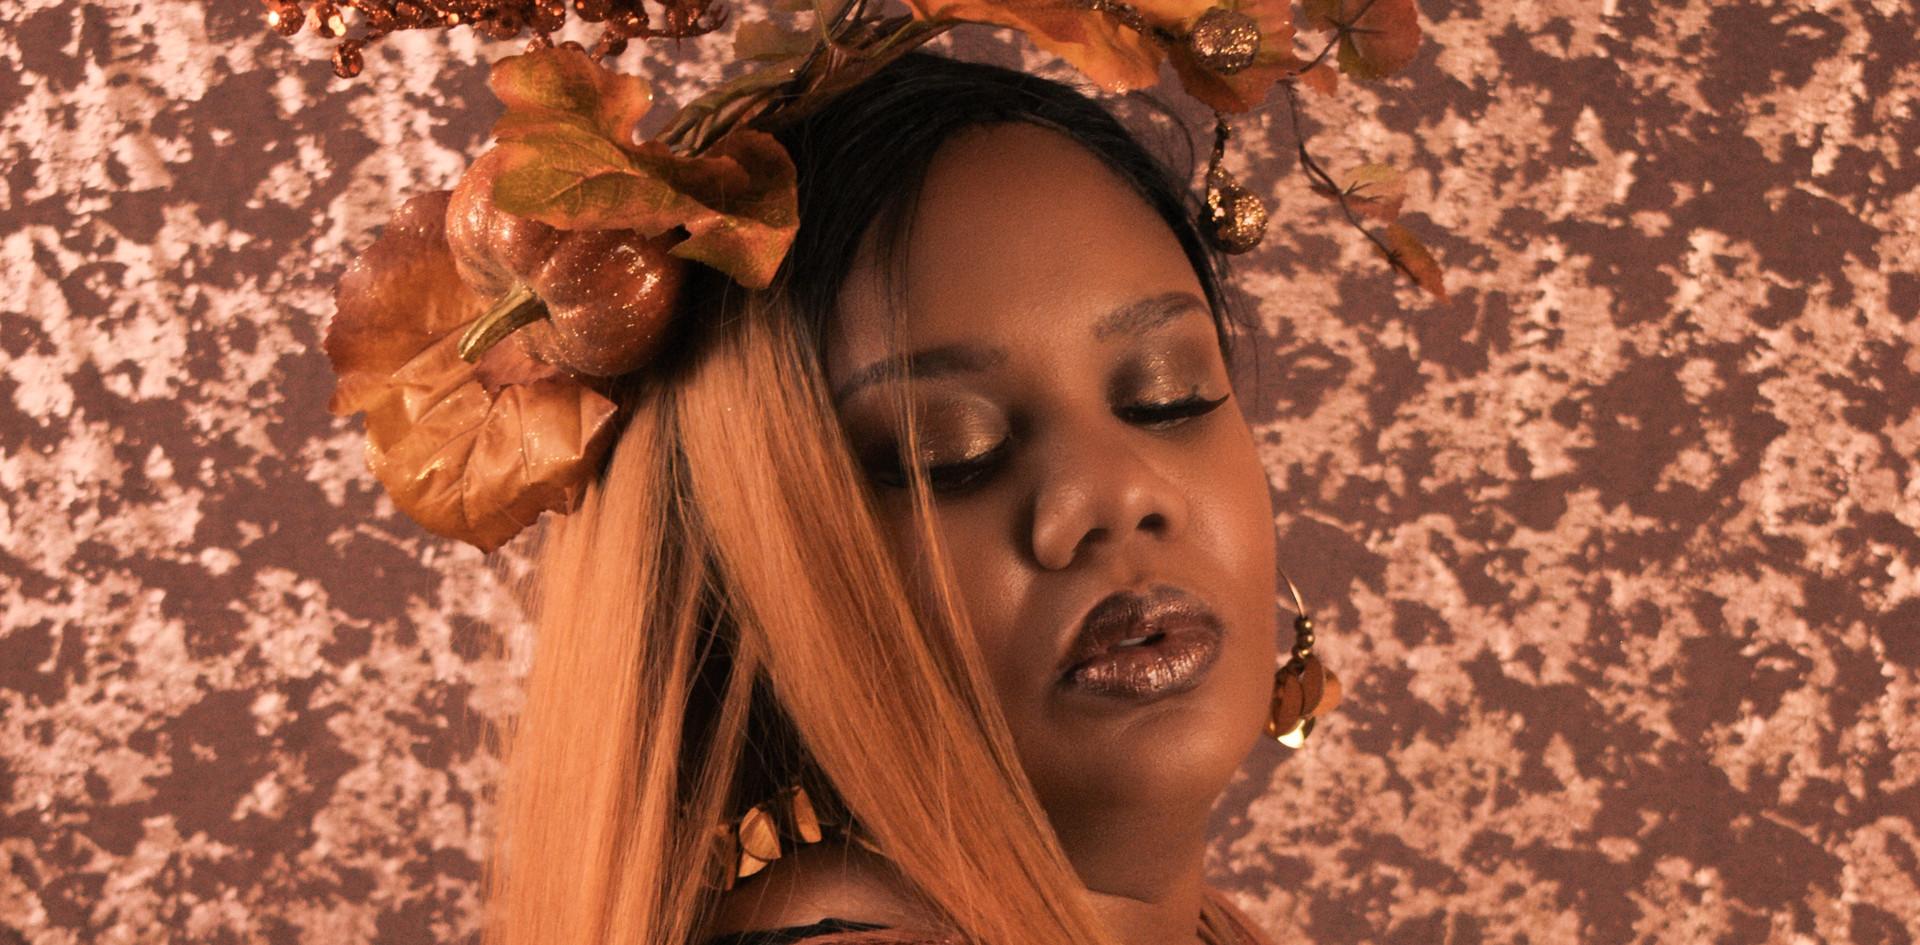 Shannon Beauty Shot 5